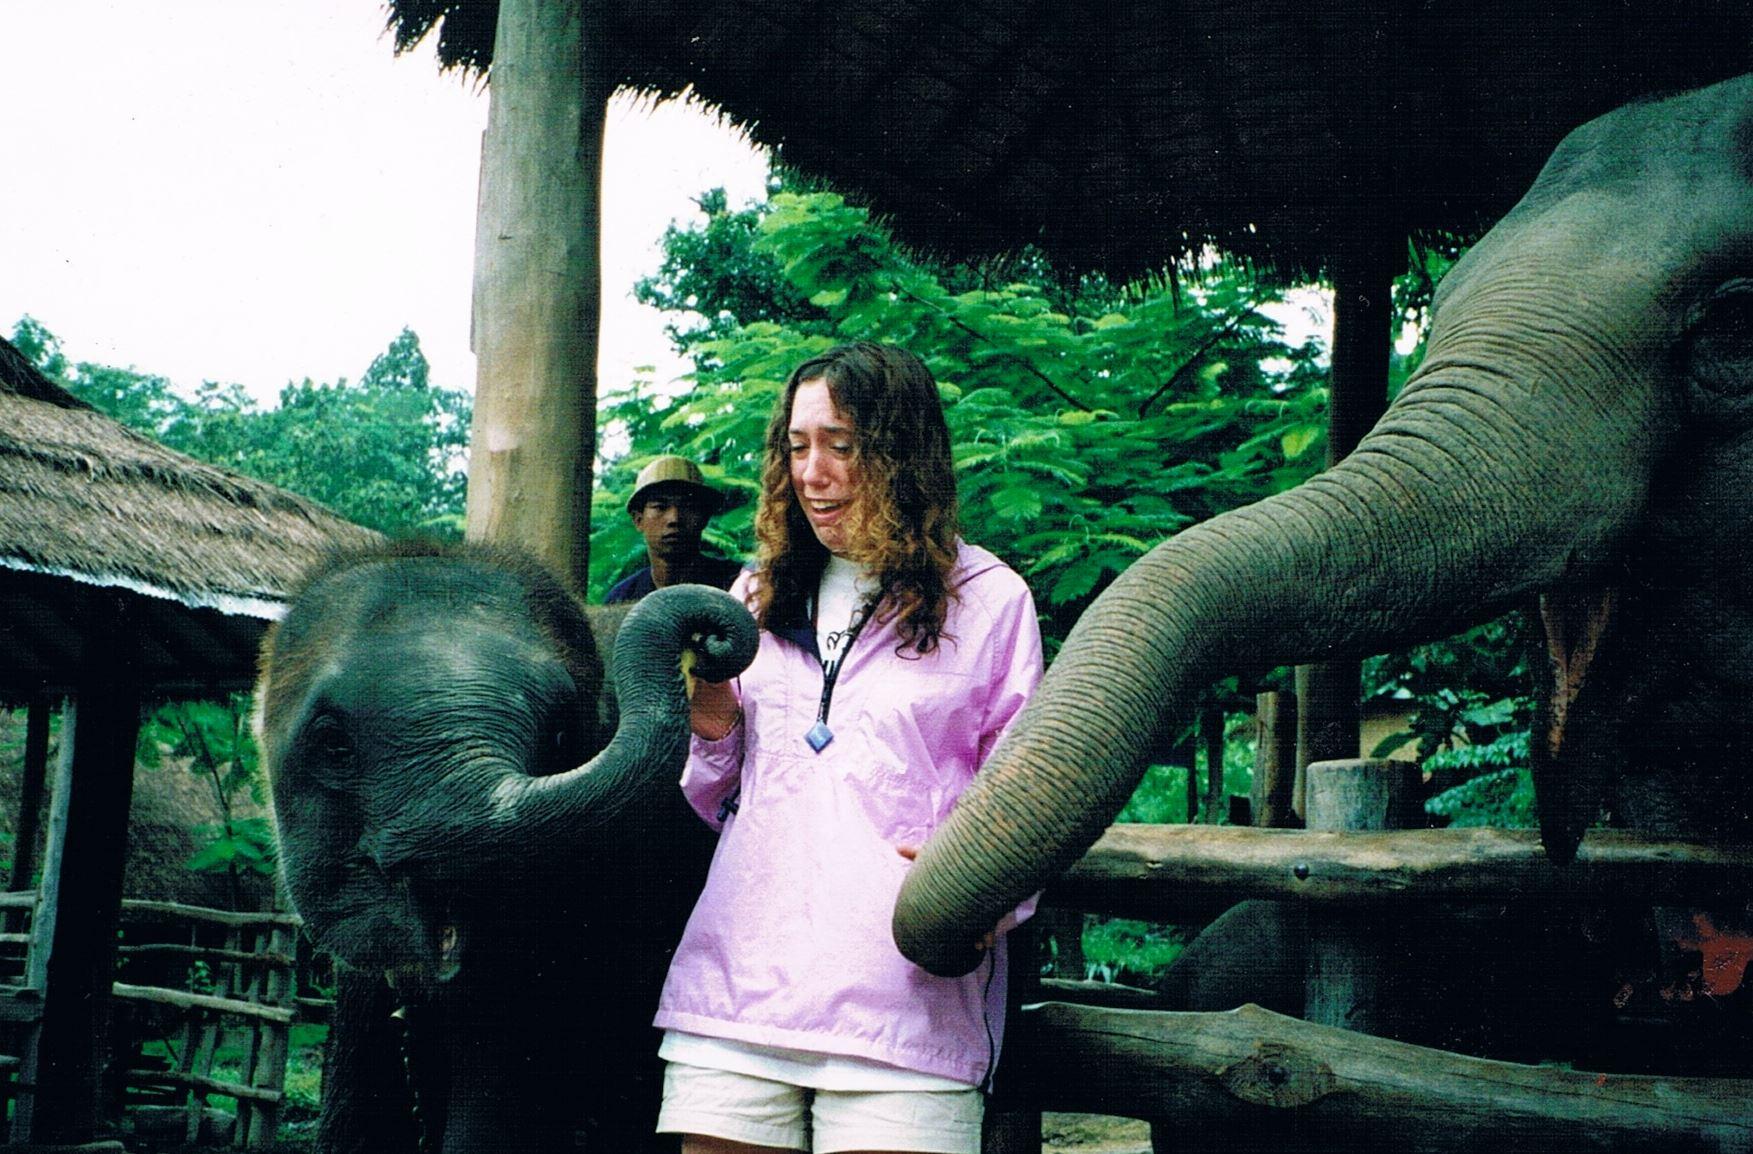 Chiang Mai, Thailand circa 1999